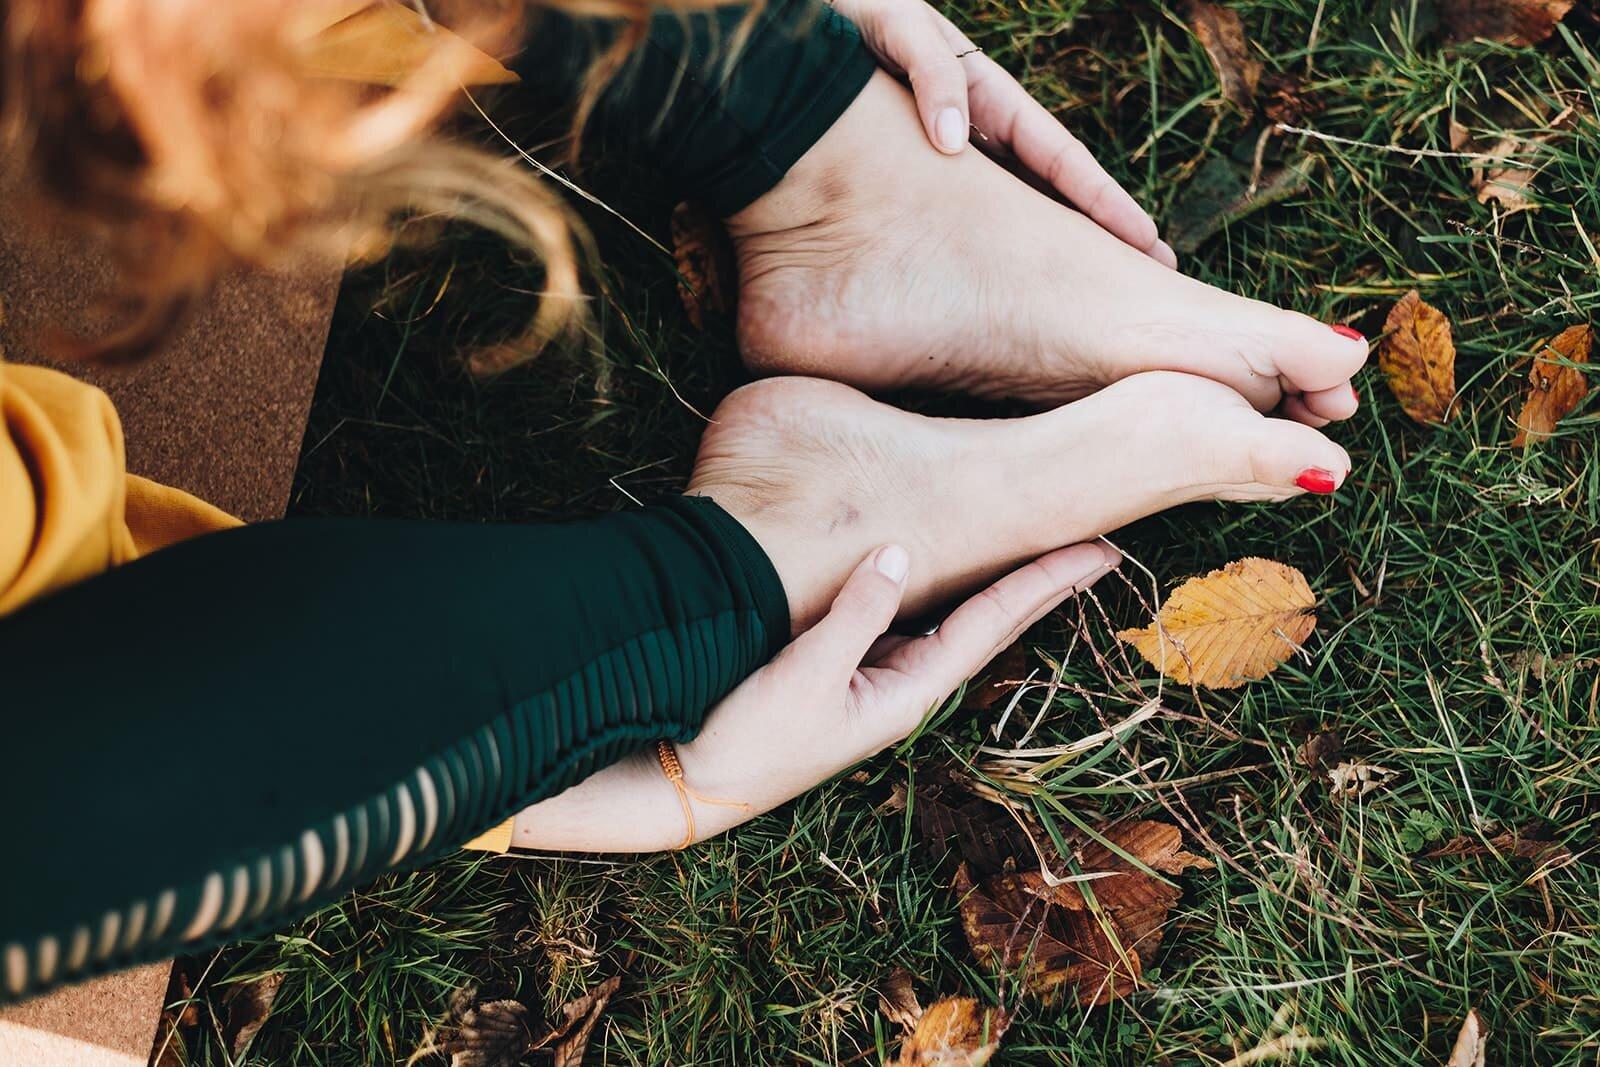 Detalle de pies en una postura de yin yoga en el parque